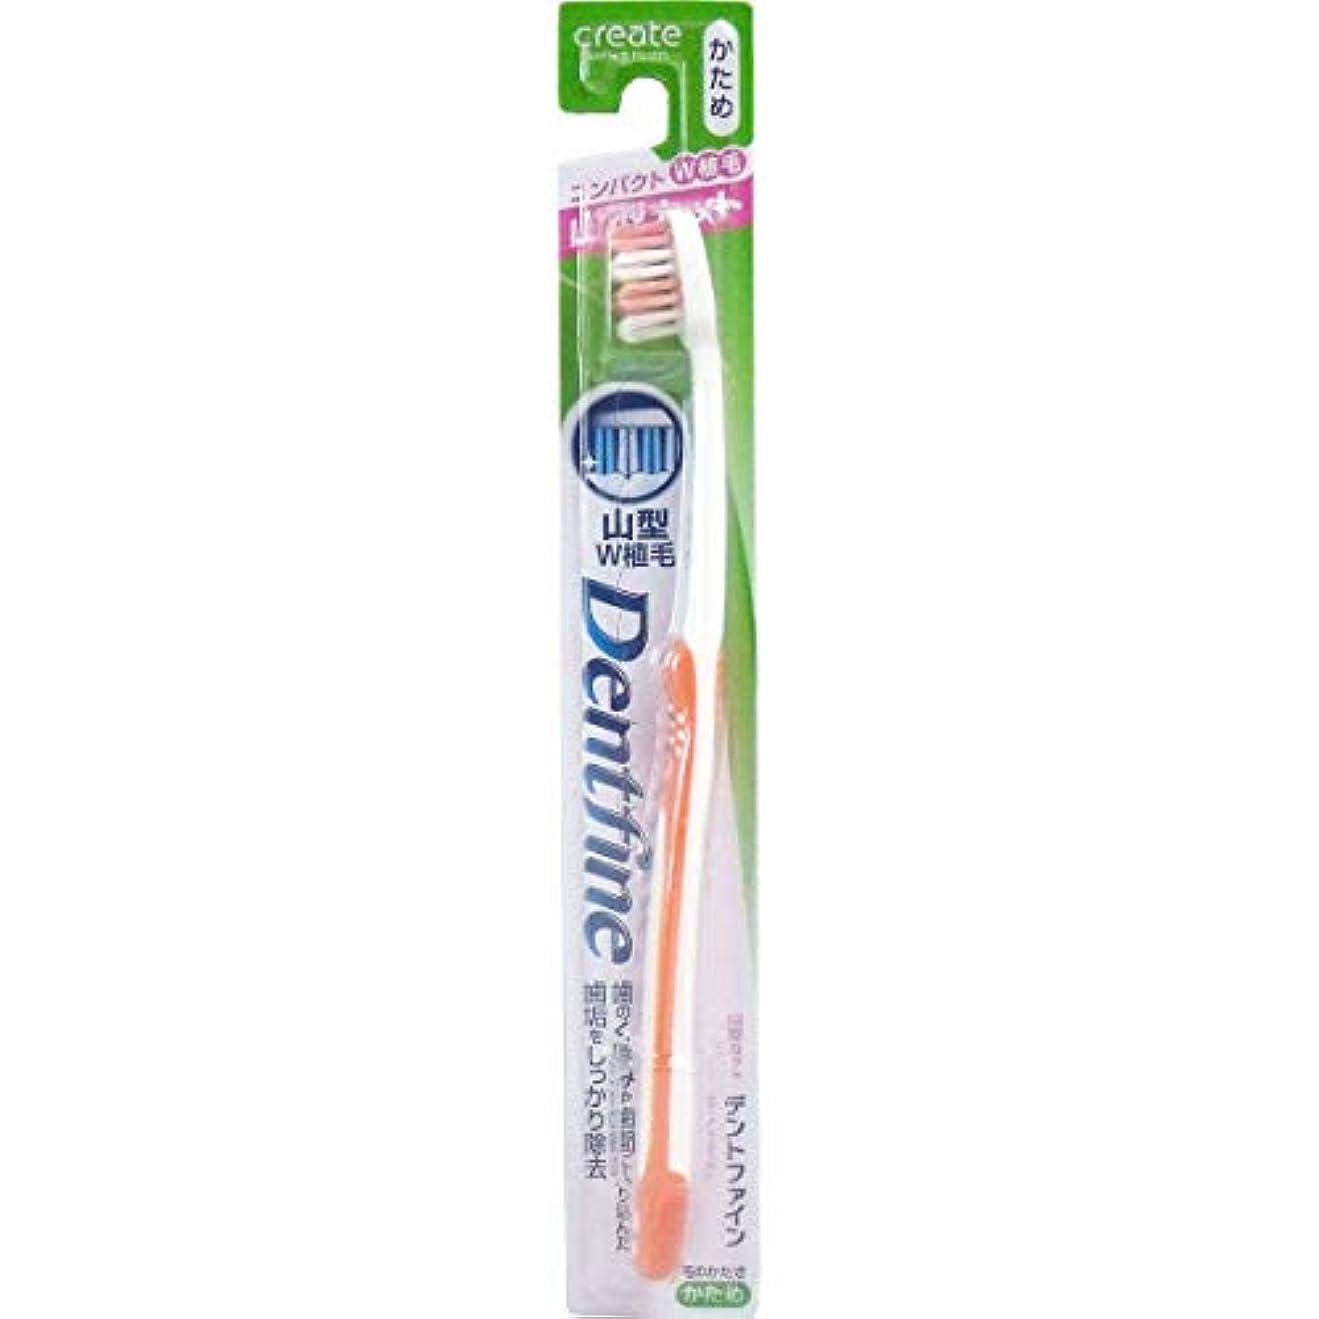 困惑する気晴らしサーバントデントファイン ラバーグリップ 山切りカット 歯ブラシ かため 1本:オレンジ